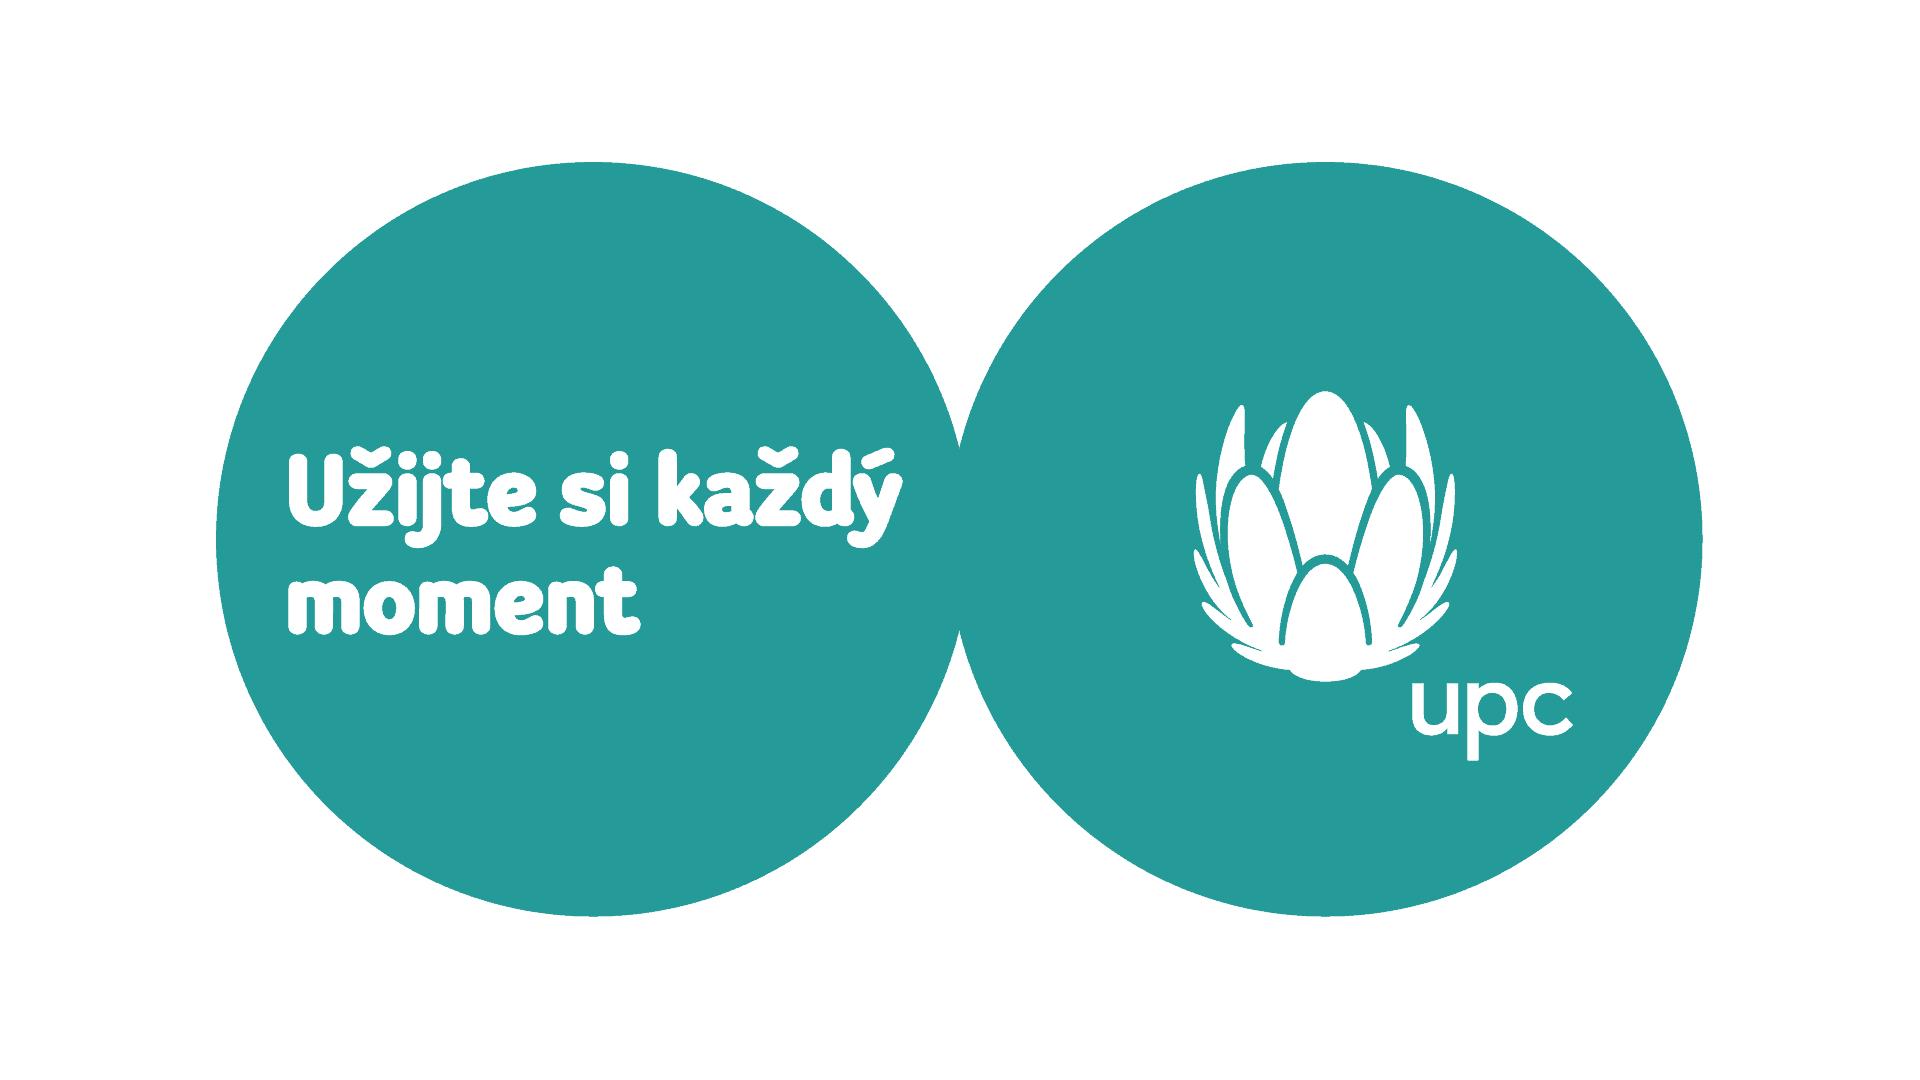 Vodafone kupuje UPC. Aktivity nastanou v ČR, Německu a Maďarsku